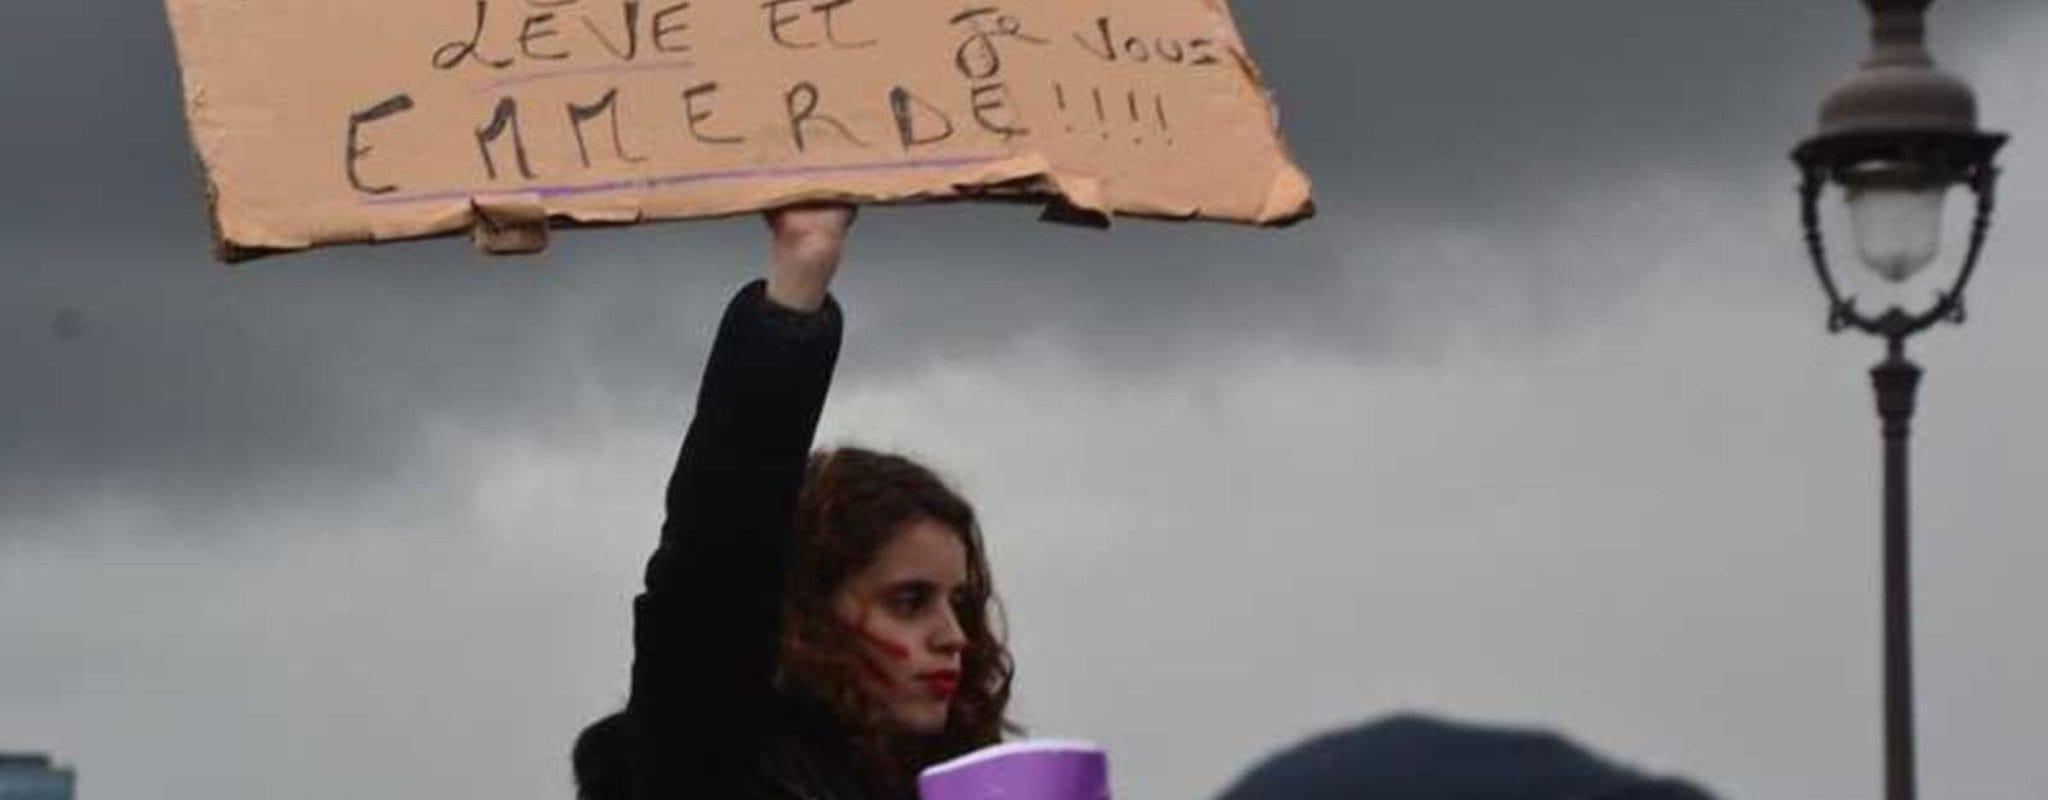 Municipales : le féminisme, une «grande cause» bien maltraitée pendant la campagne